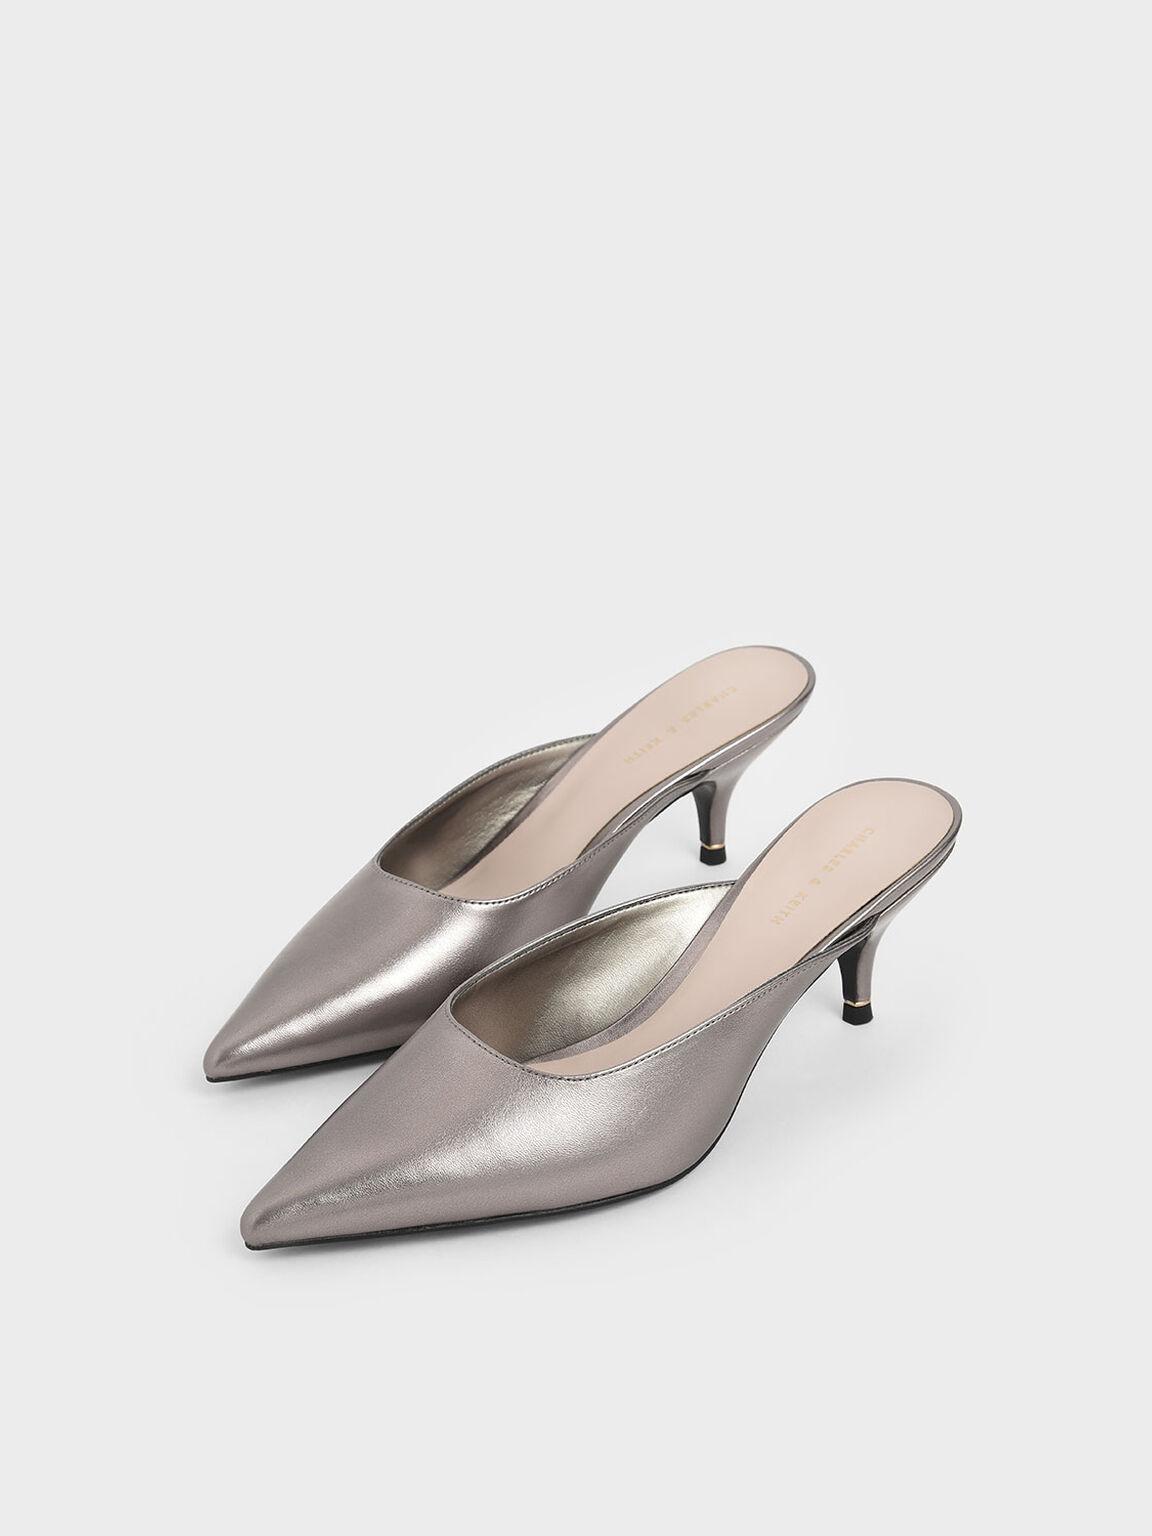 Metallic Pointed Toe Kitten Heel Mules, Pewter, hi-res